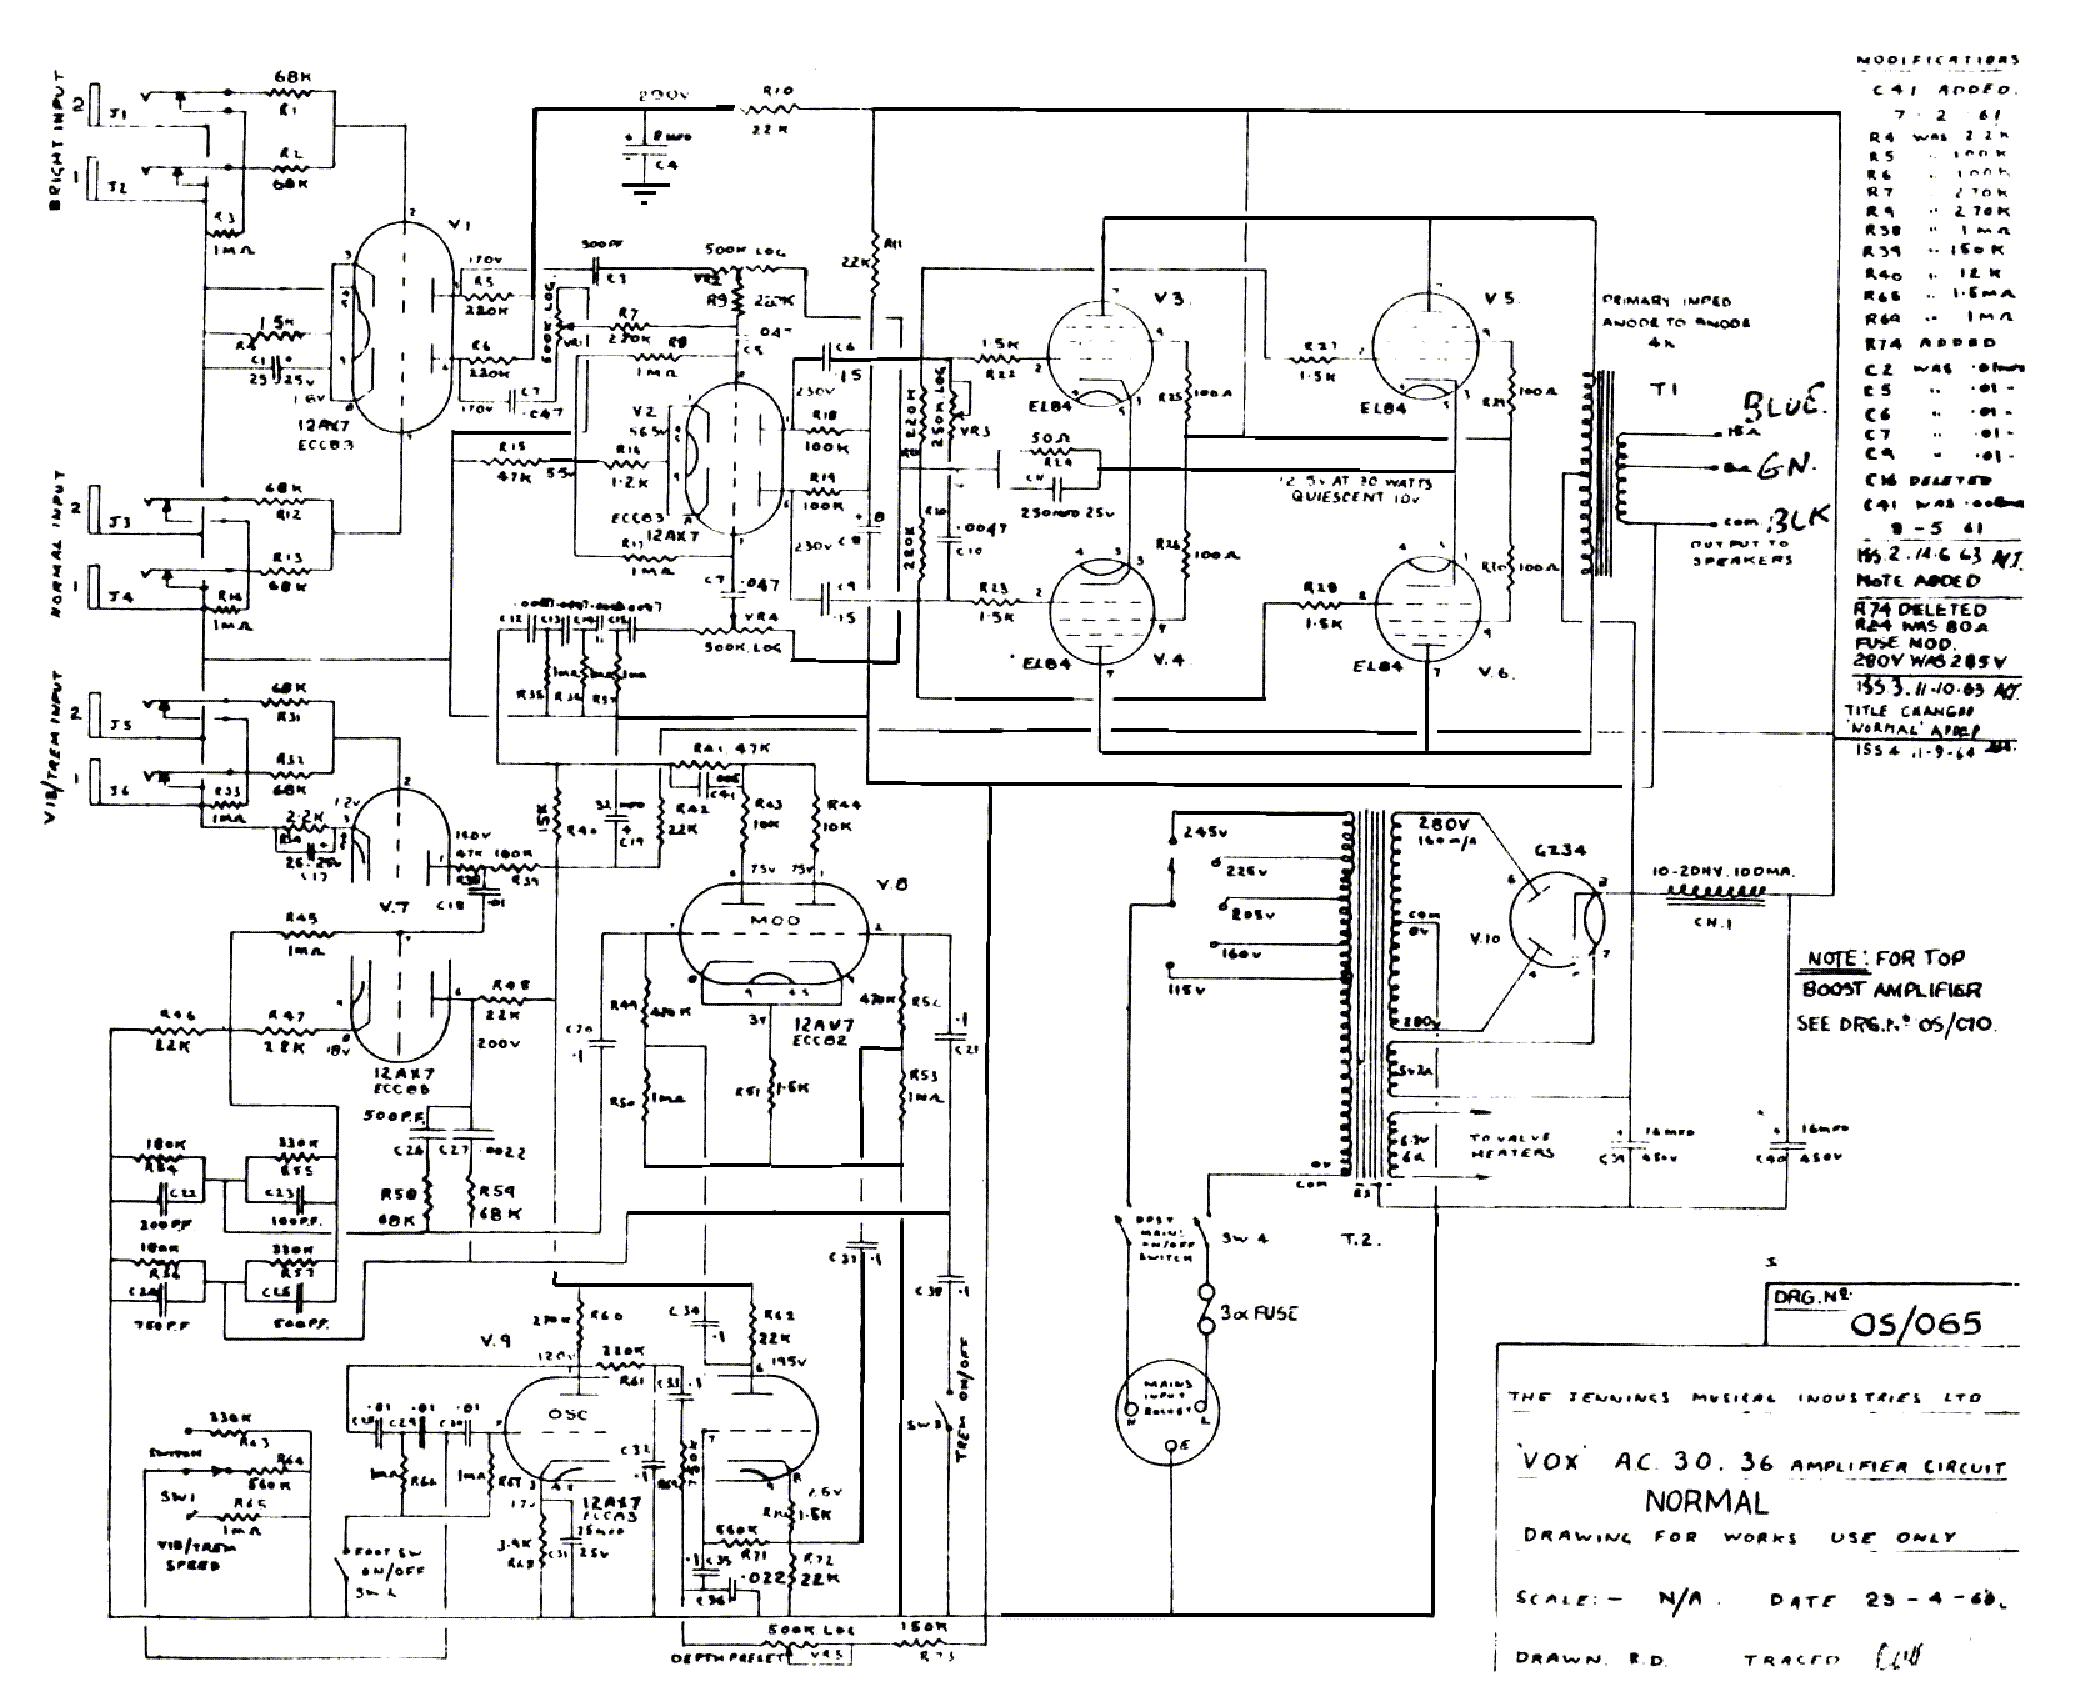 vox ac10 2 sch service manual download  schematics  eeprom